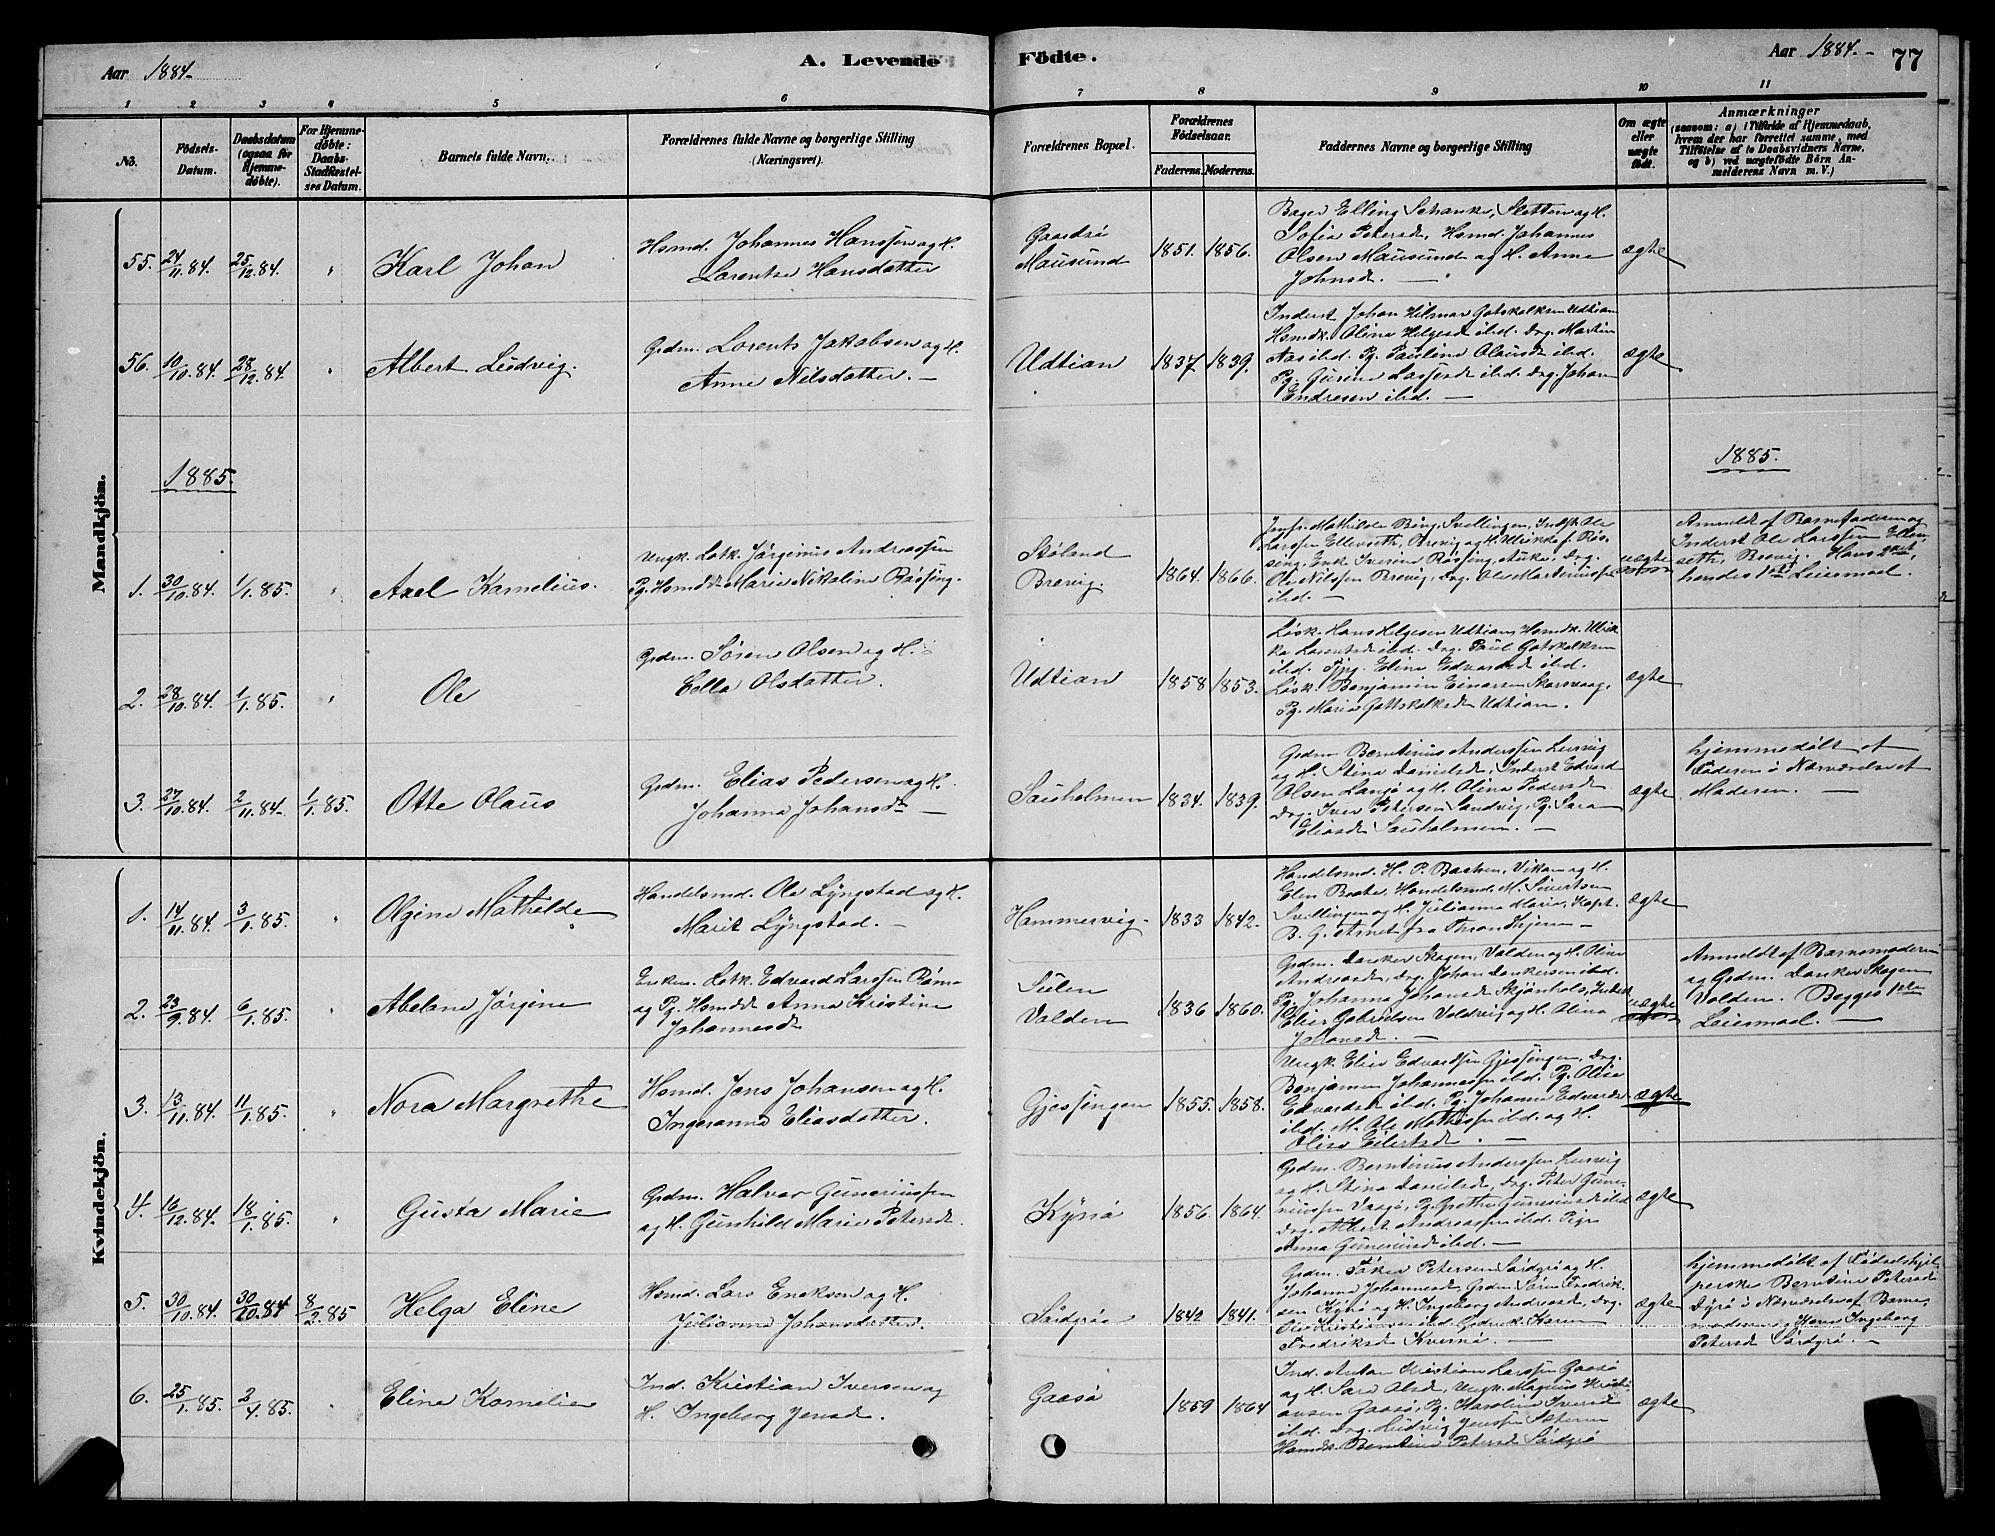 SAT, Ministerialprotokoller, klokkerbøker og fødselsregistre - Sør-Trøndelag, 640/L0585: Klokkerbok nr. 640C03, 1878-1891, s. 77